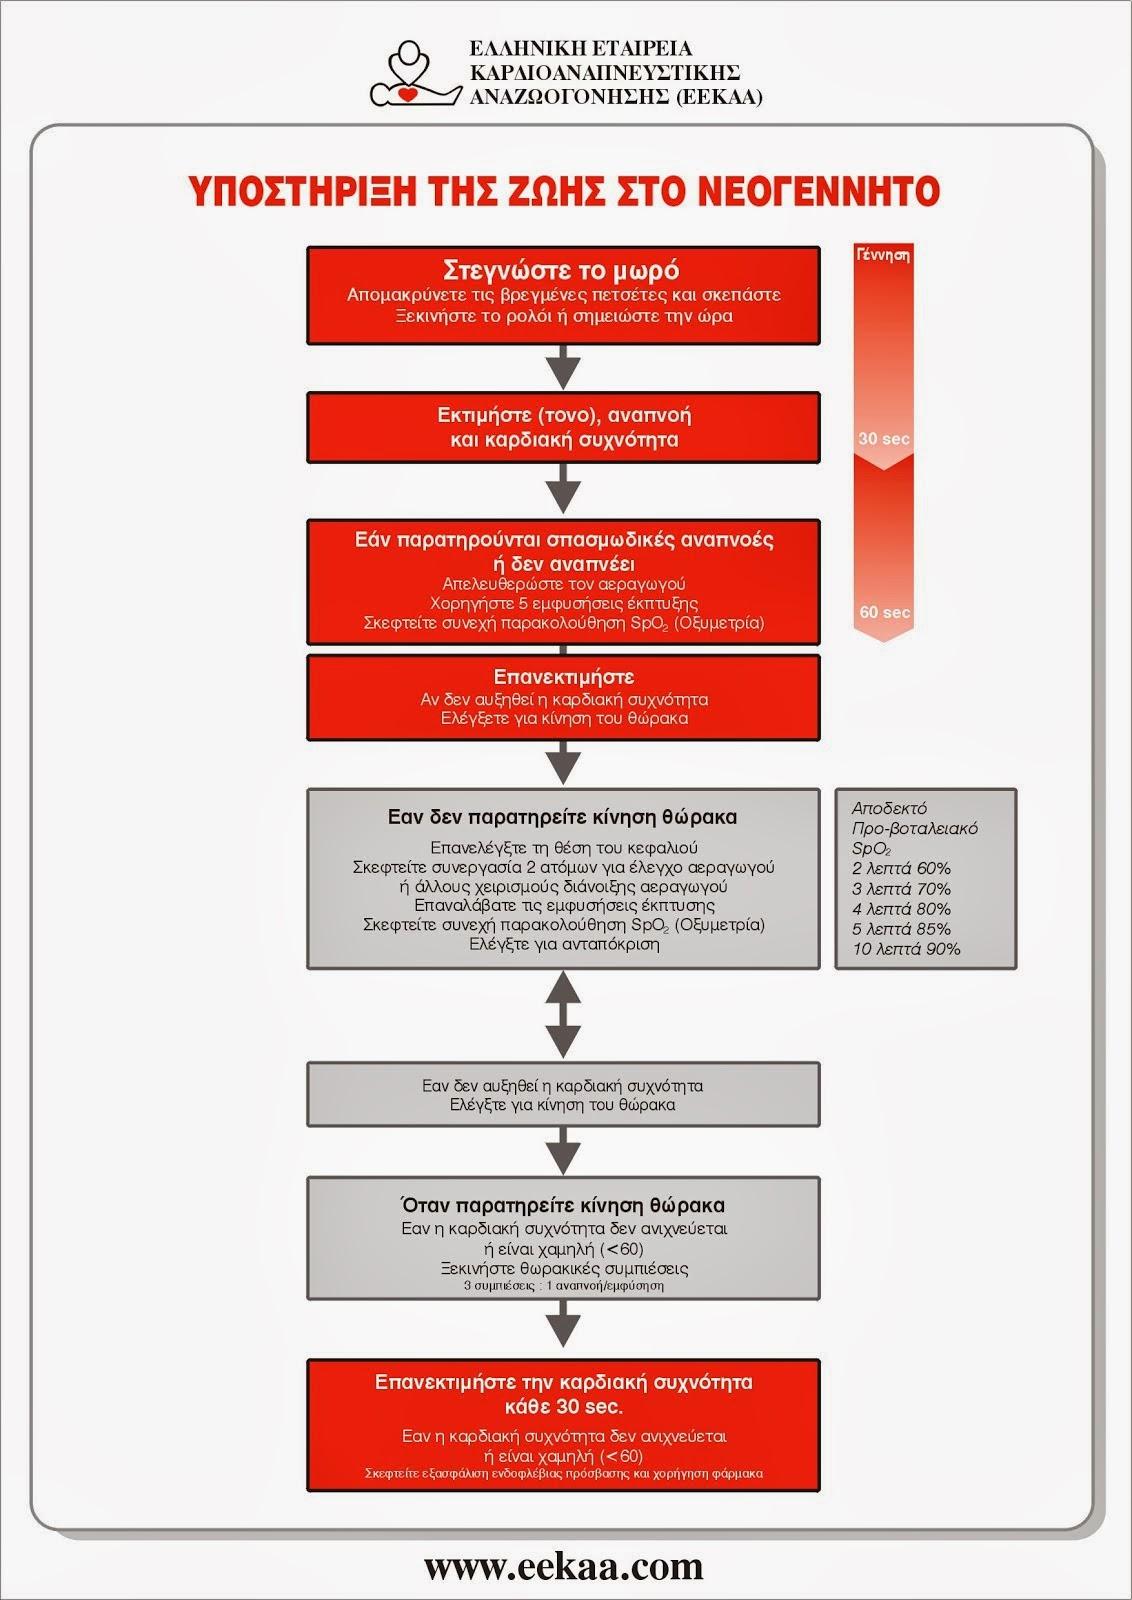 ΑΛΓΟΡΙΘΜΟΣ ΥΠΟΣΤΗΡΙΞΗΣ ΤΗΣ ΖΩΗΣ ΣΤΟ ΝΕΟΓΝΟ 2010 (EEKAA - ERC)